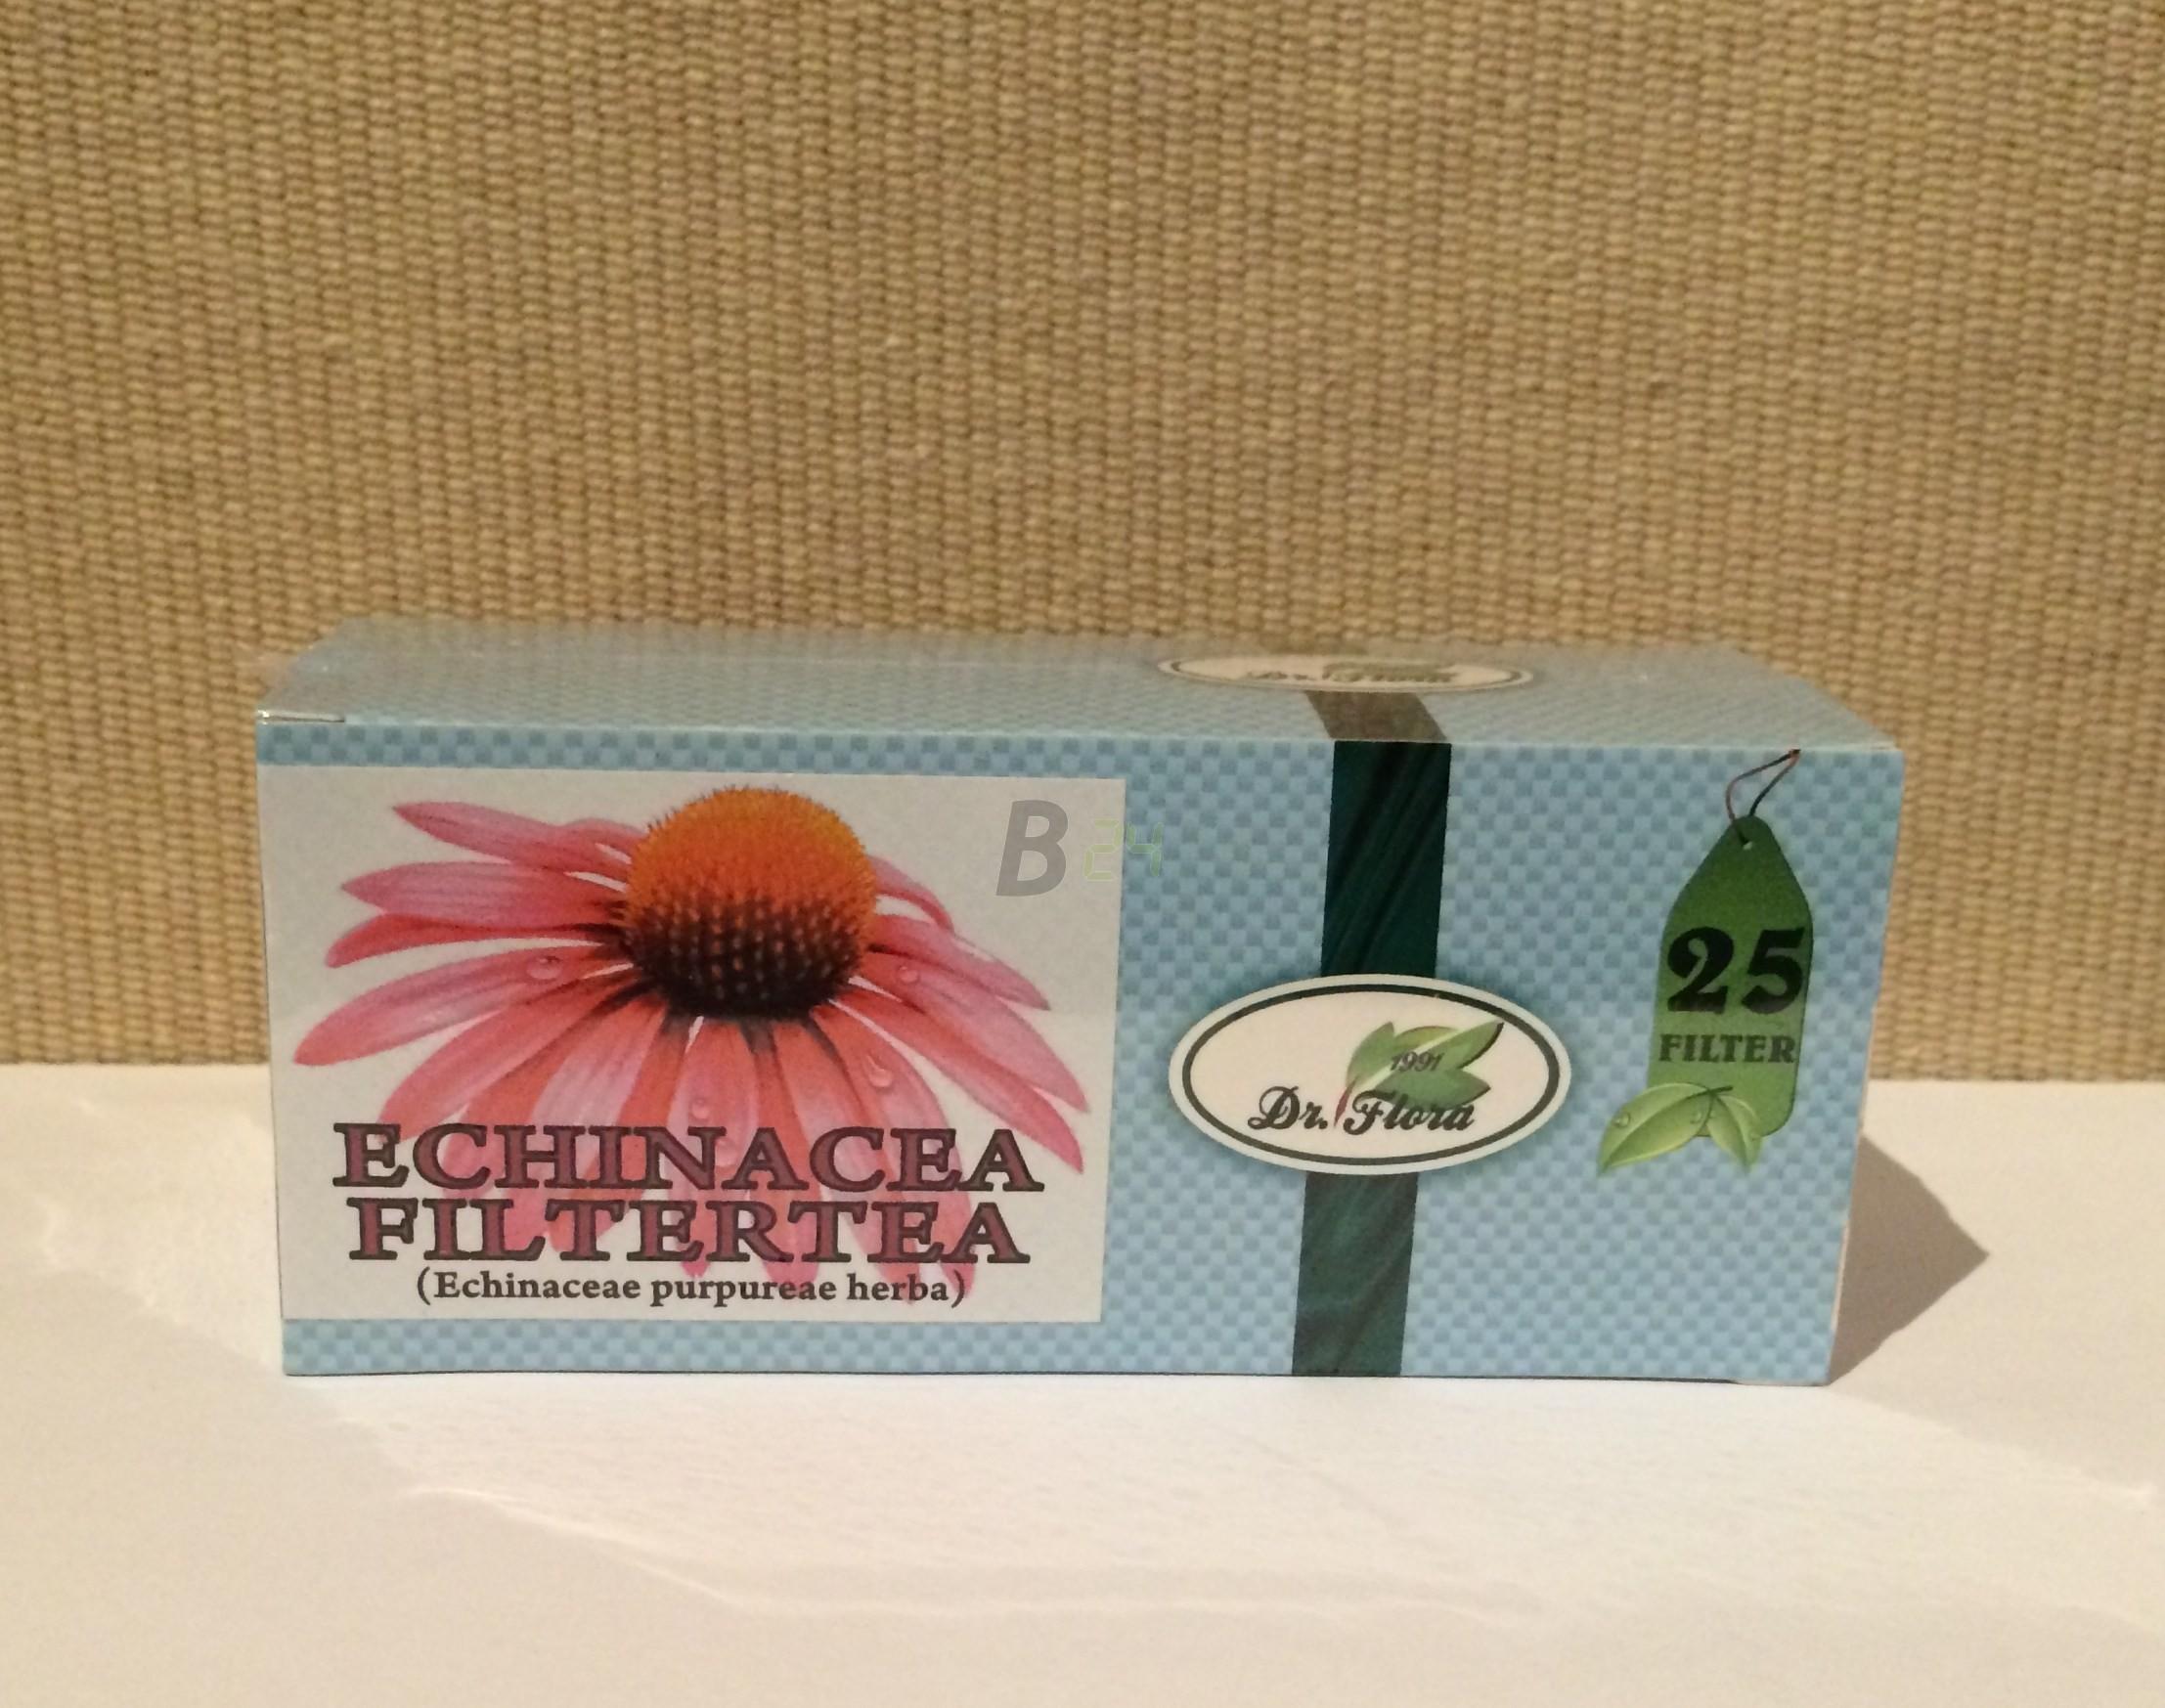 Dr.flora echinacea filteres tea (25 filter) ML065379-13-11